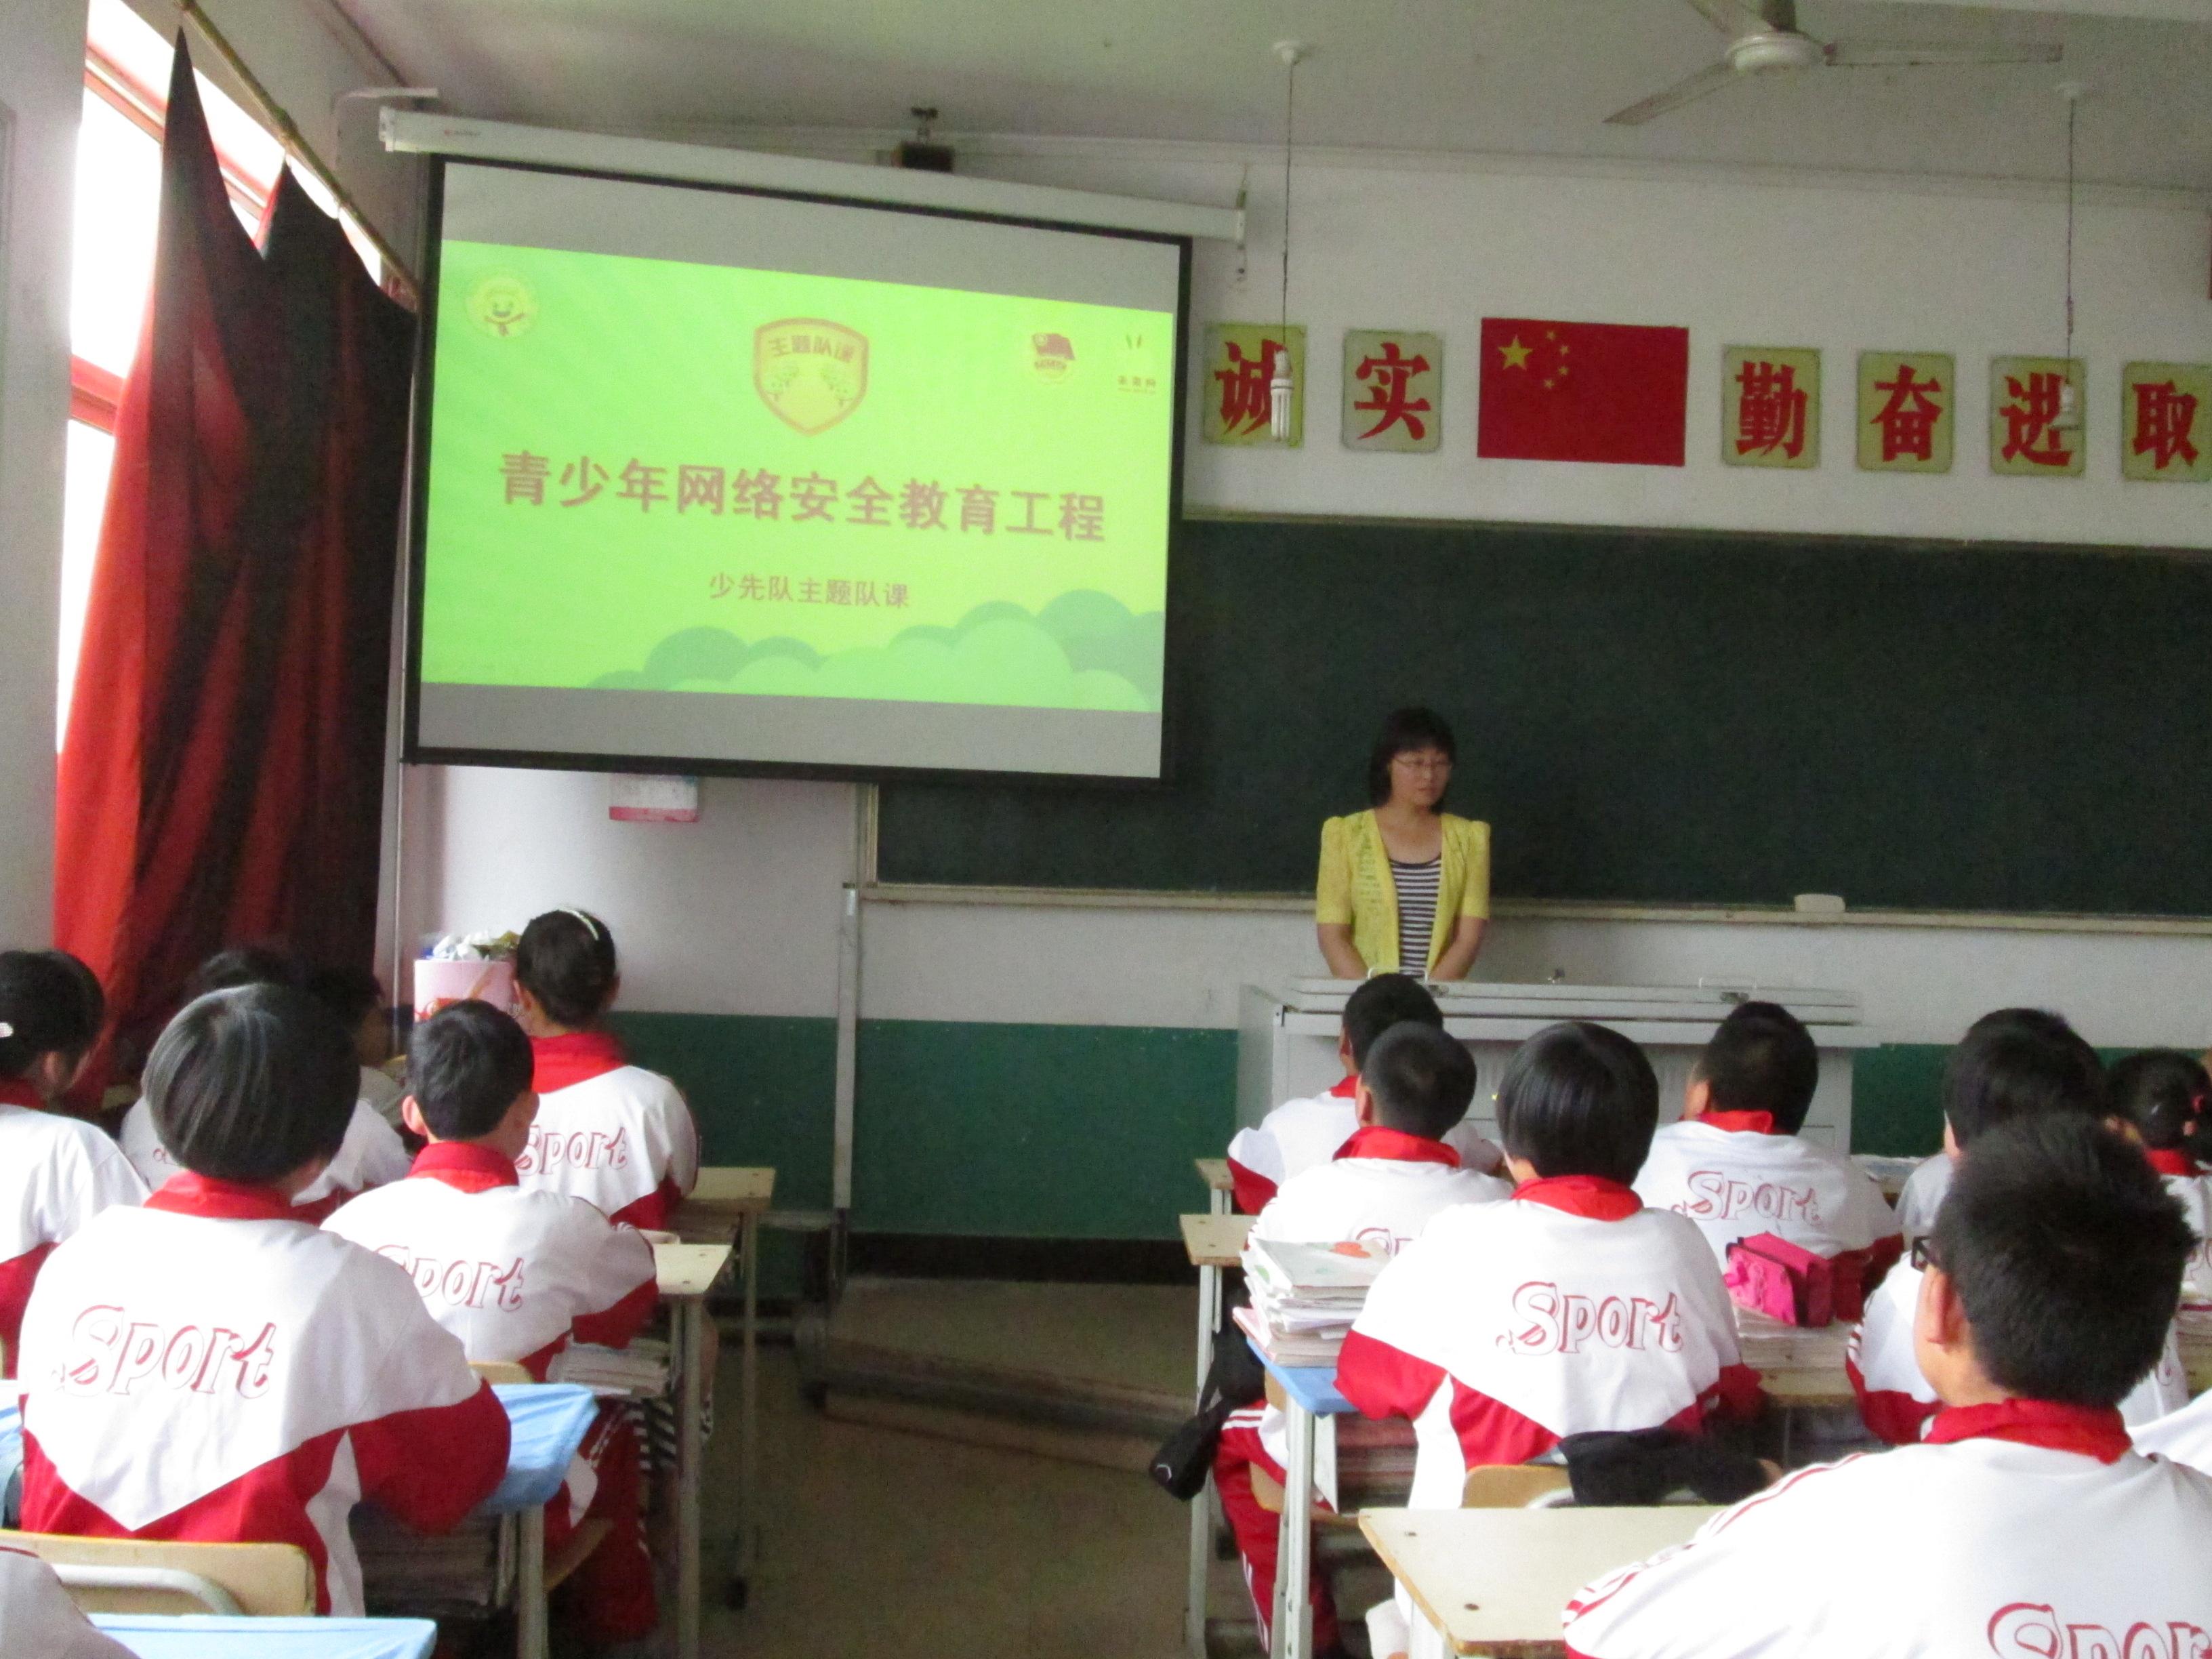 河北省昌黎县周庆恩中学少先队网络安全教育课图片